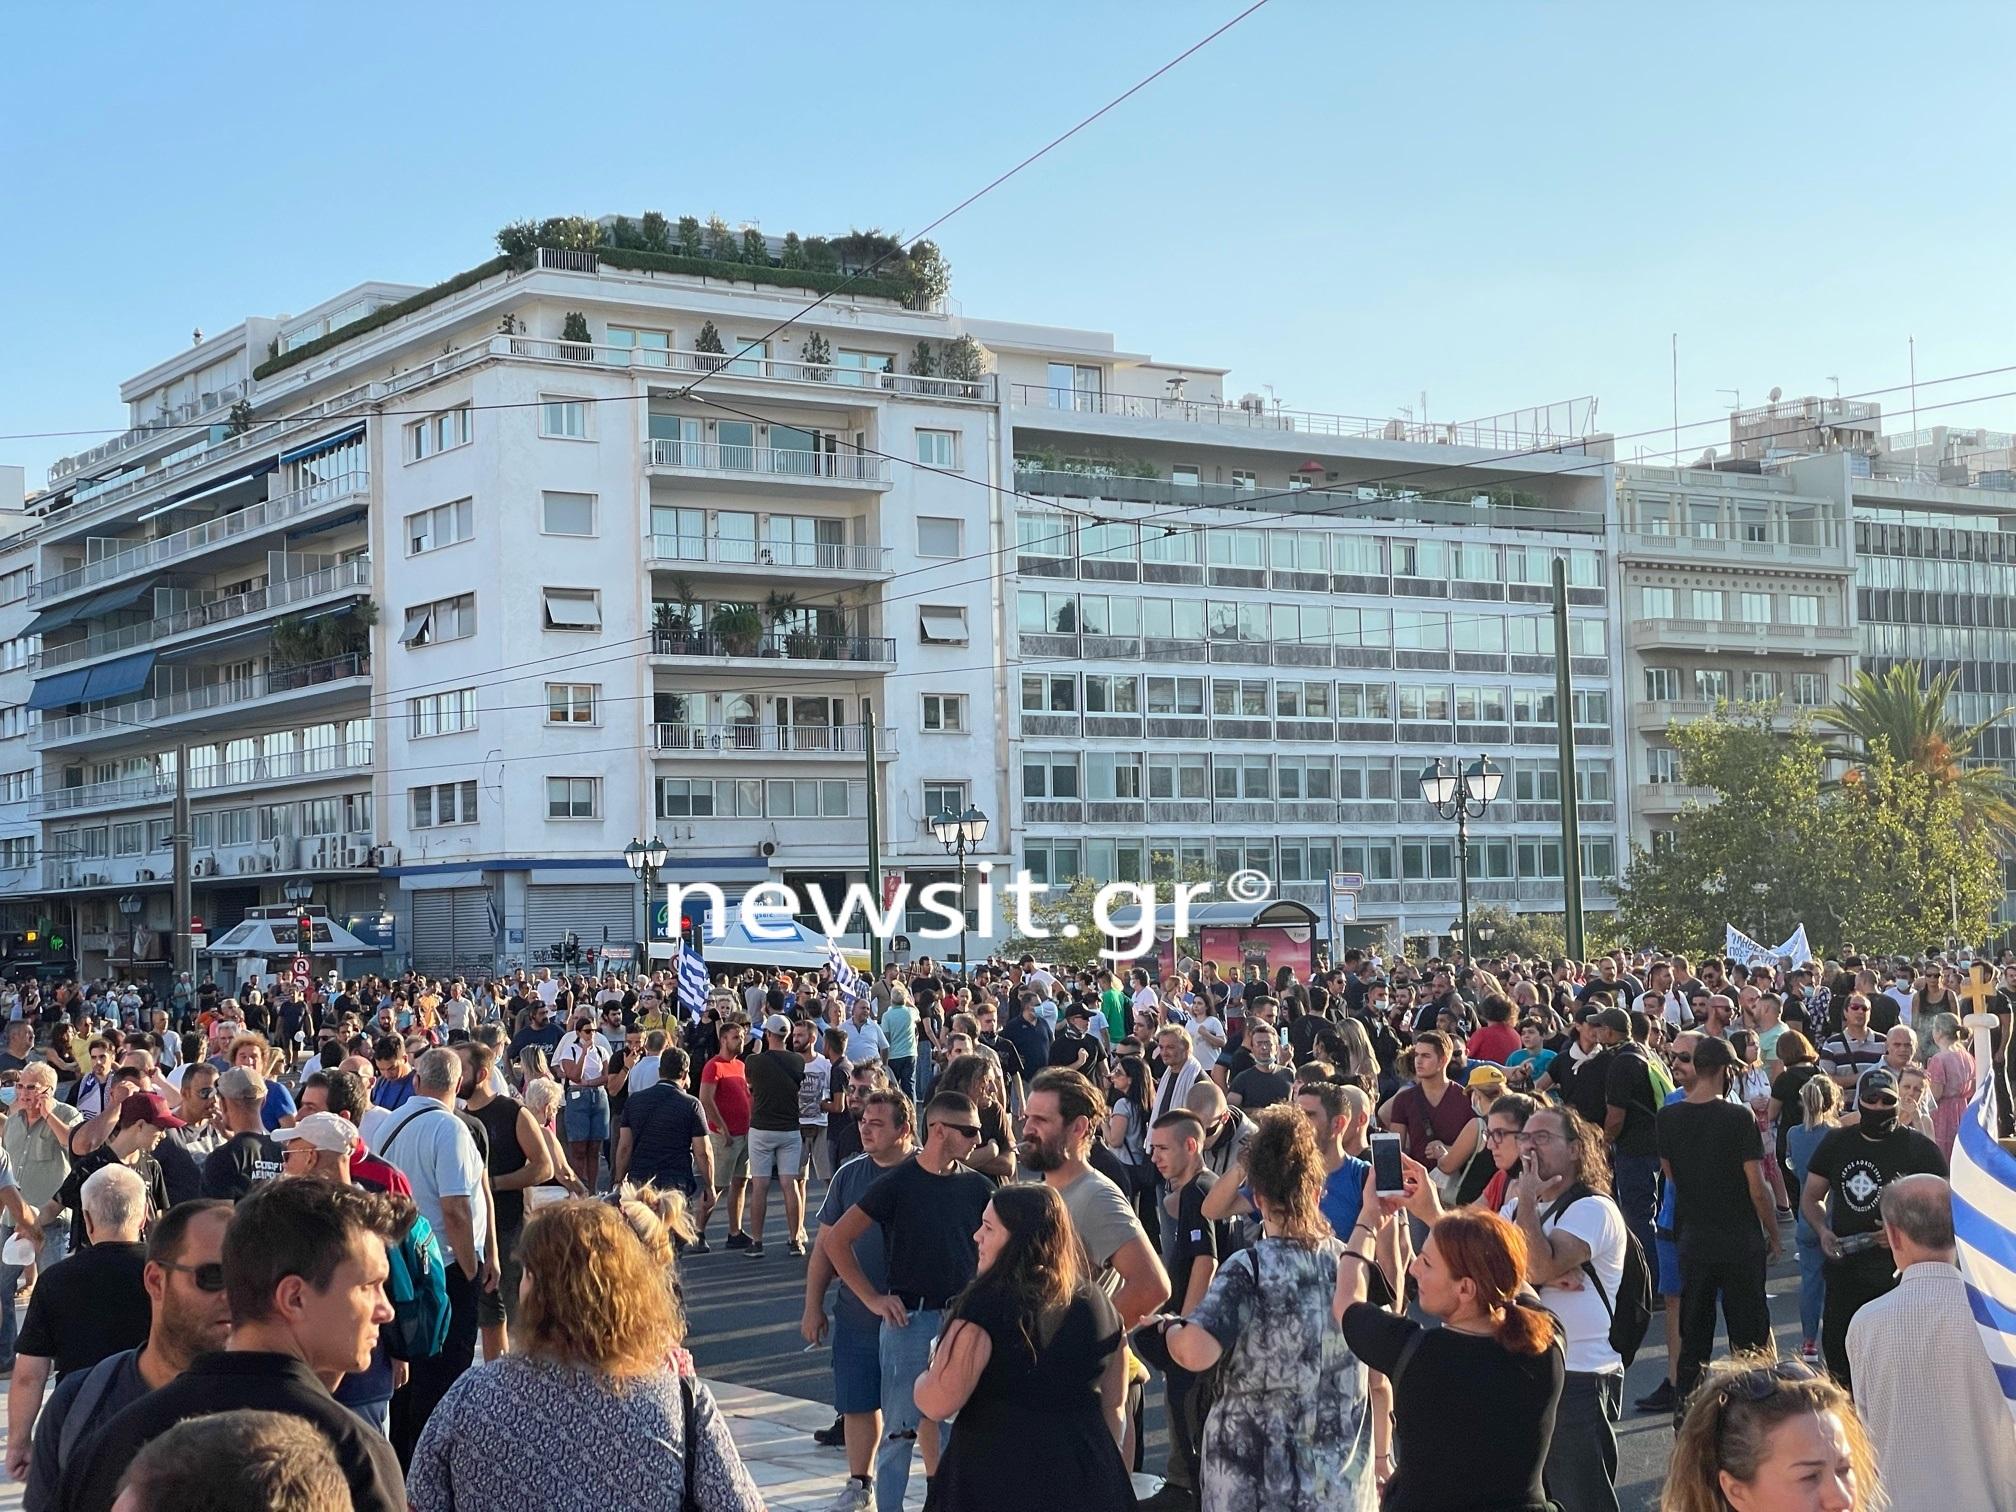 Κορονοϊός: Πλήθος διαδηλωτών στη συγκέντρωση κατά της υποχρεωτικότητας του εμβολιασμού στο Σύνταγμα